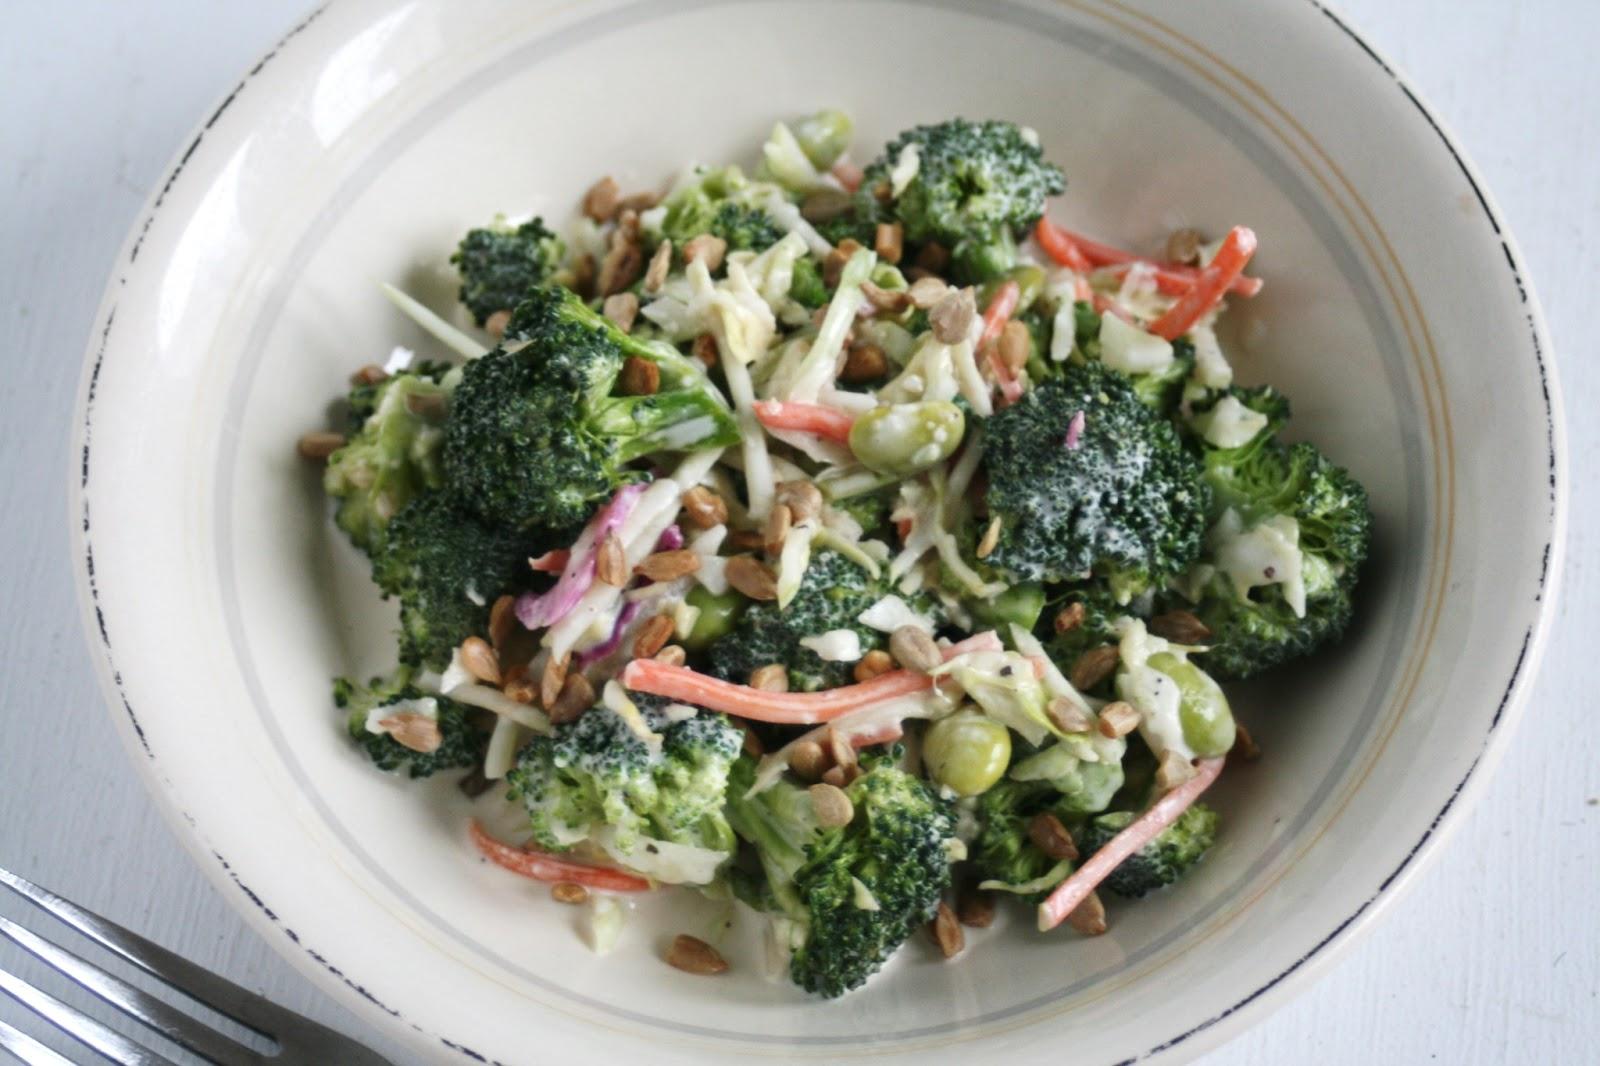 I Thee Cook: Amazing Broccoli Slaw Salad